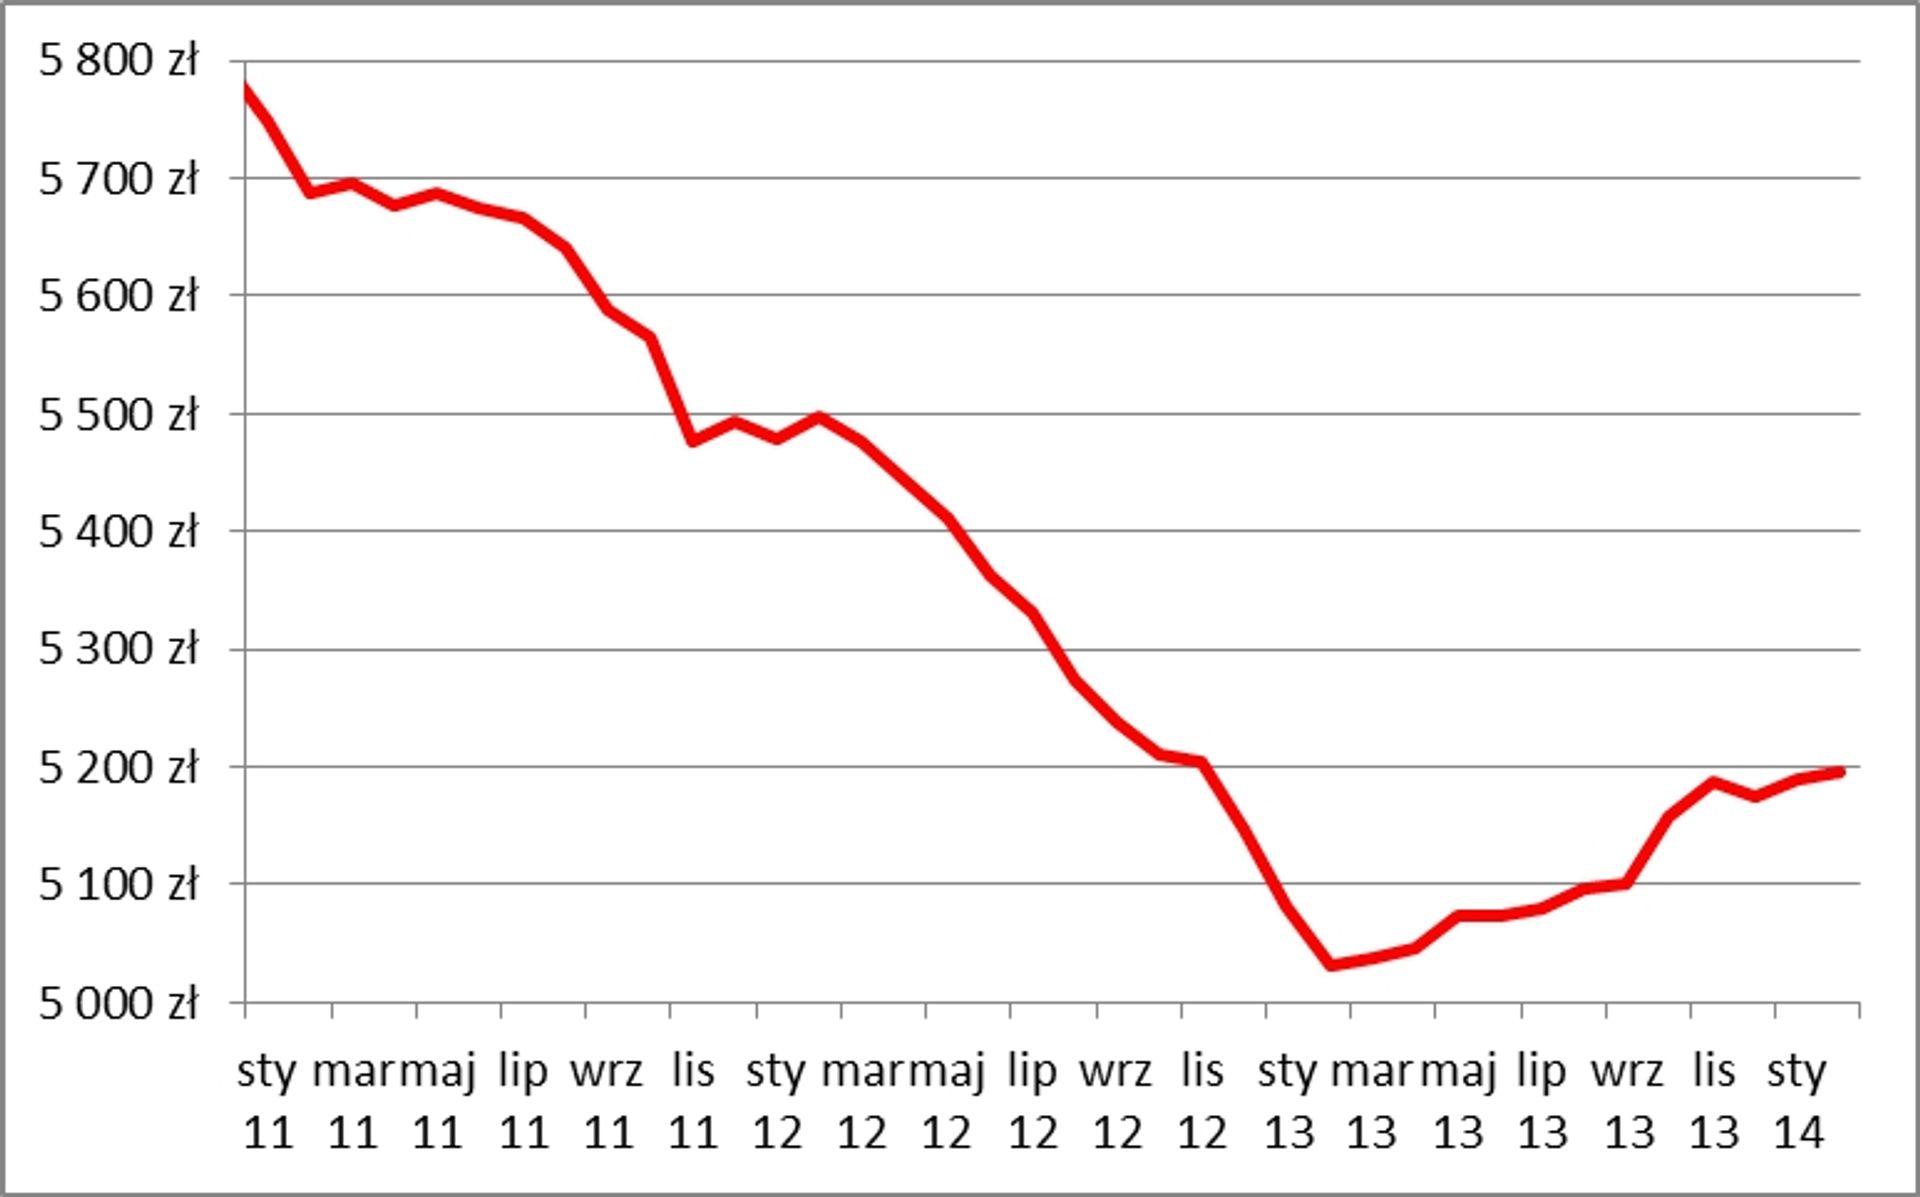 [Polska] Dostępność mieszkań na rynku wtórnym przestała rosnąć